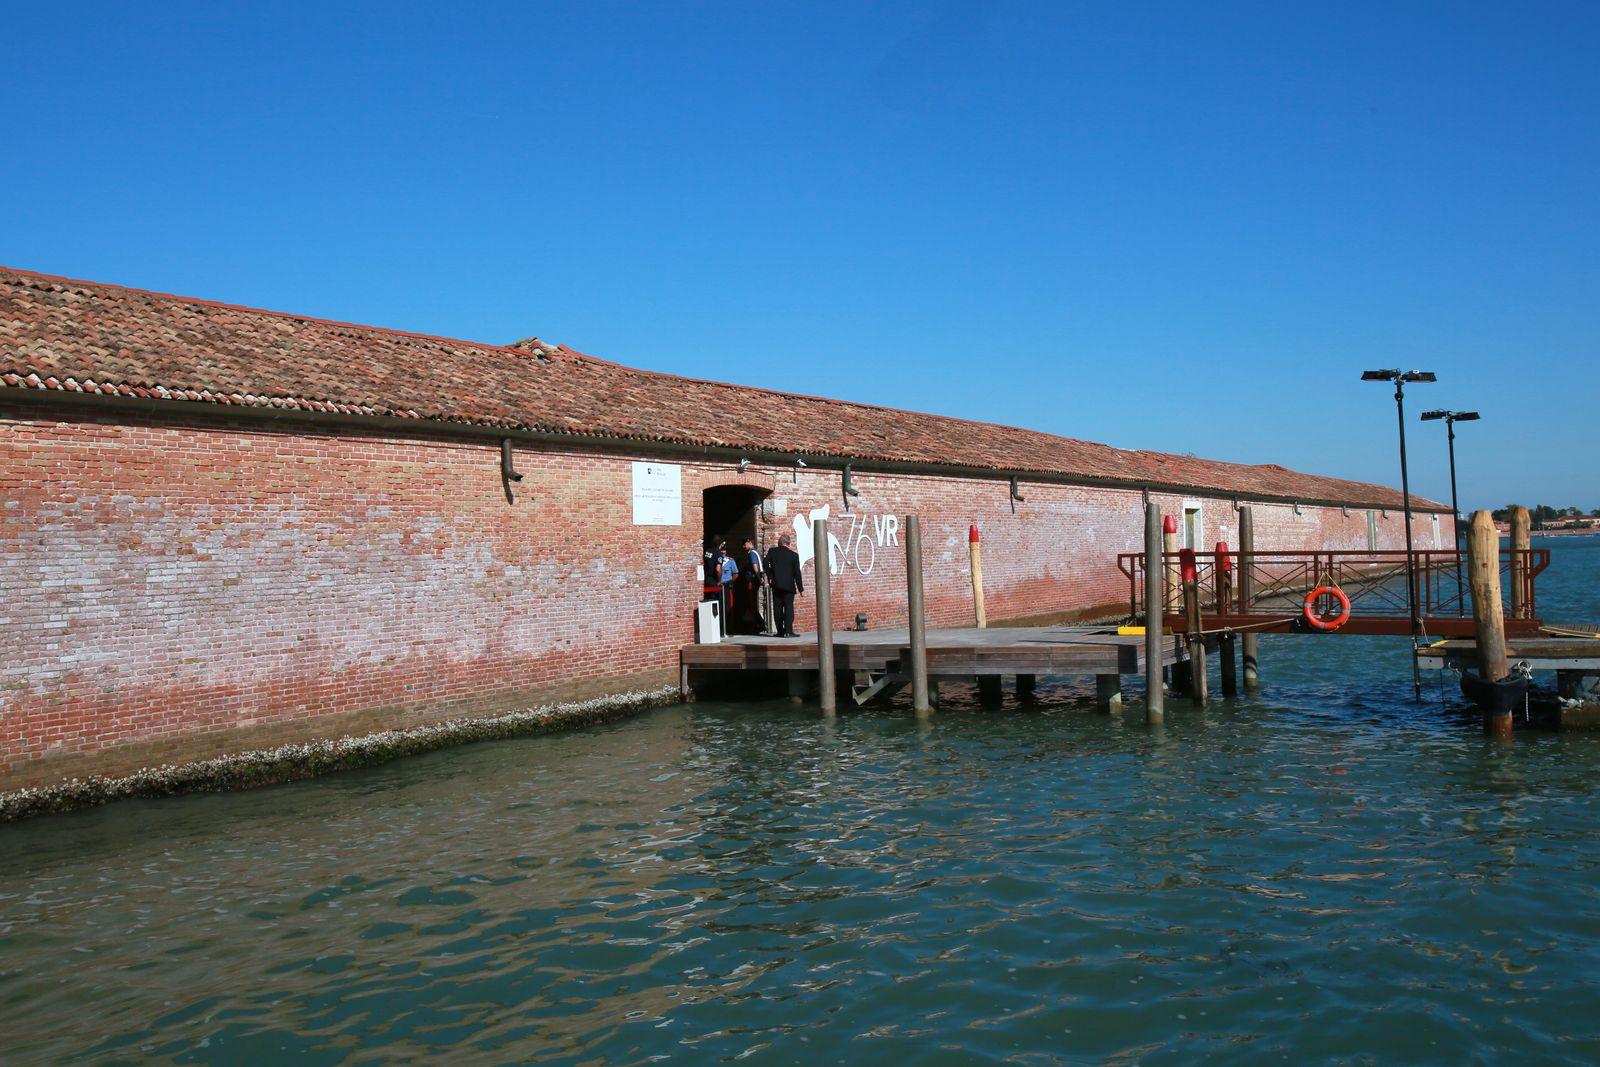 Venice Virtual Reality At Lazzaretto Vecchio Island - The 76th Venice Film Festival